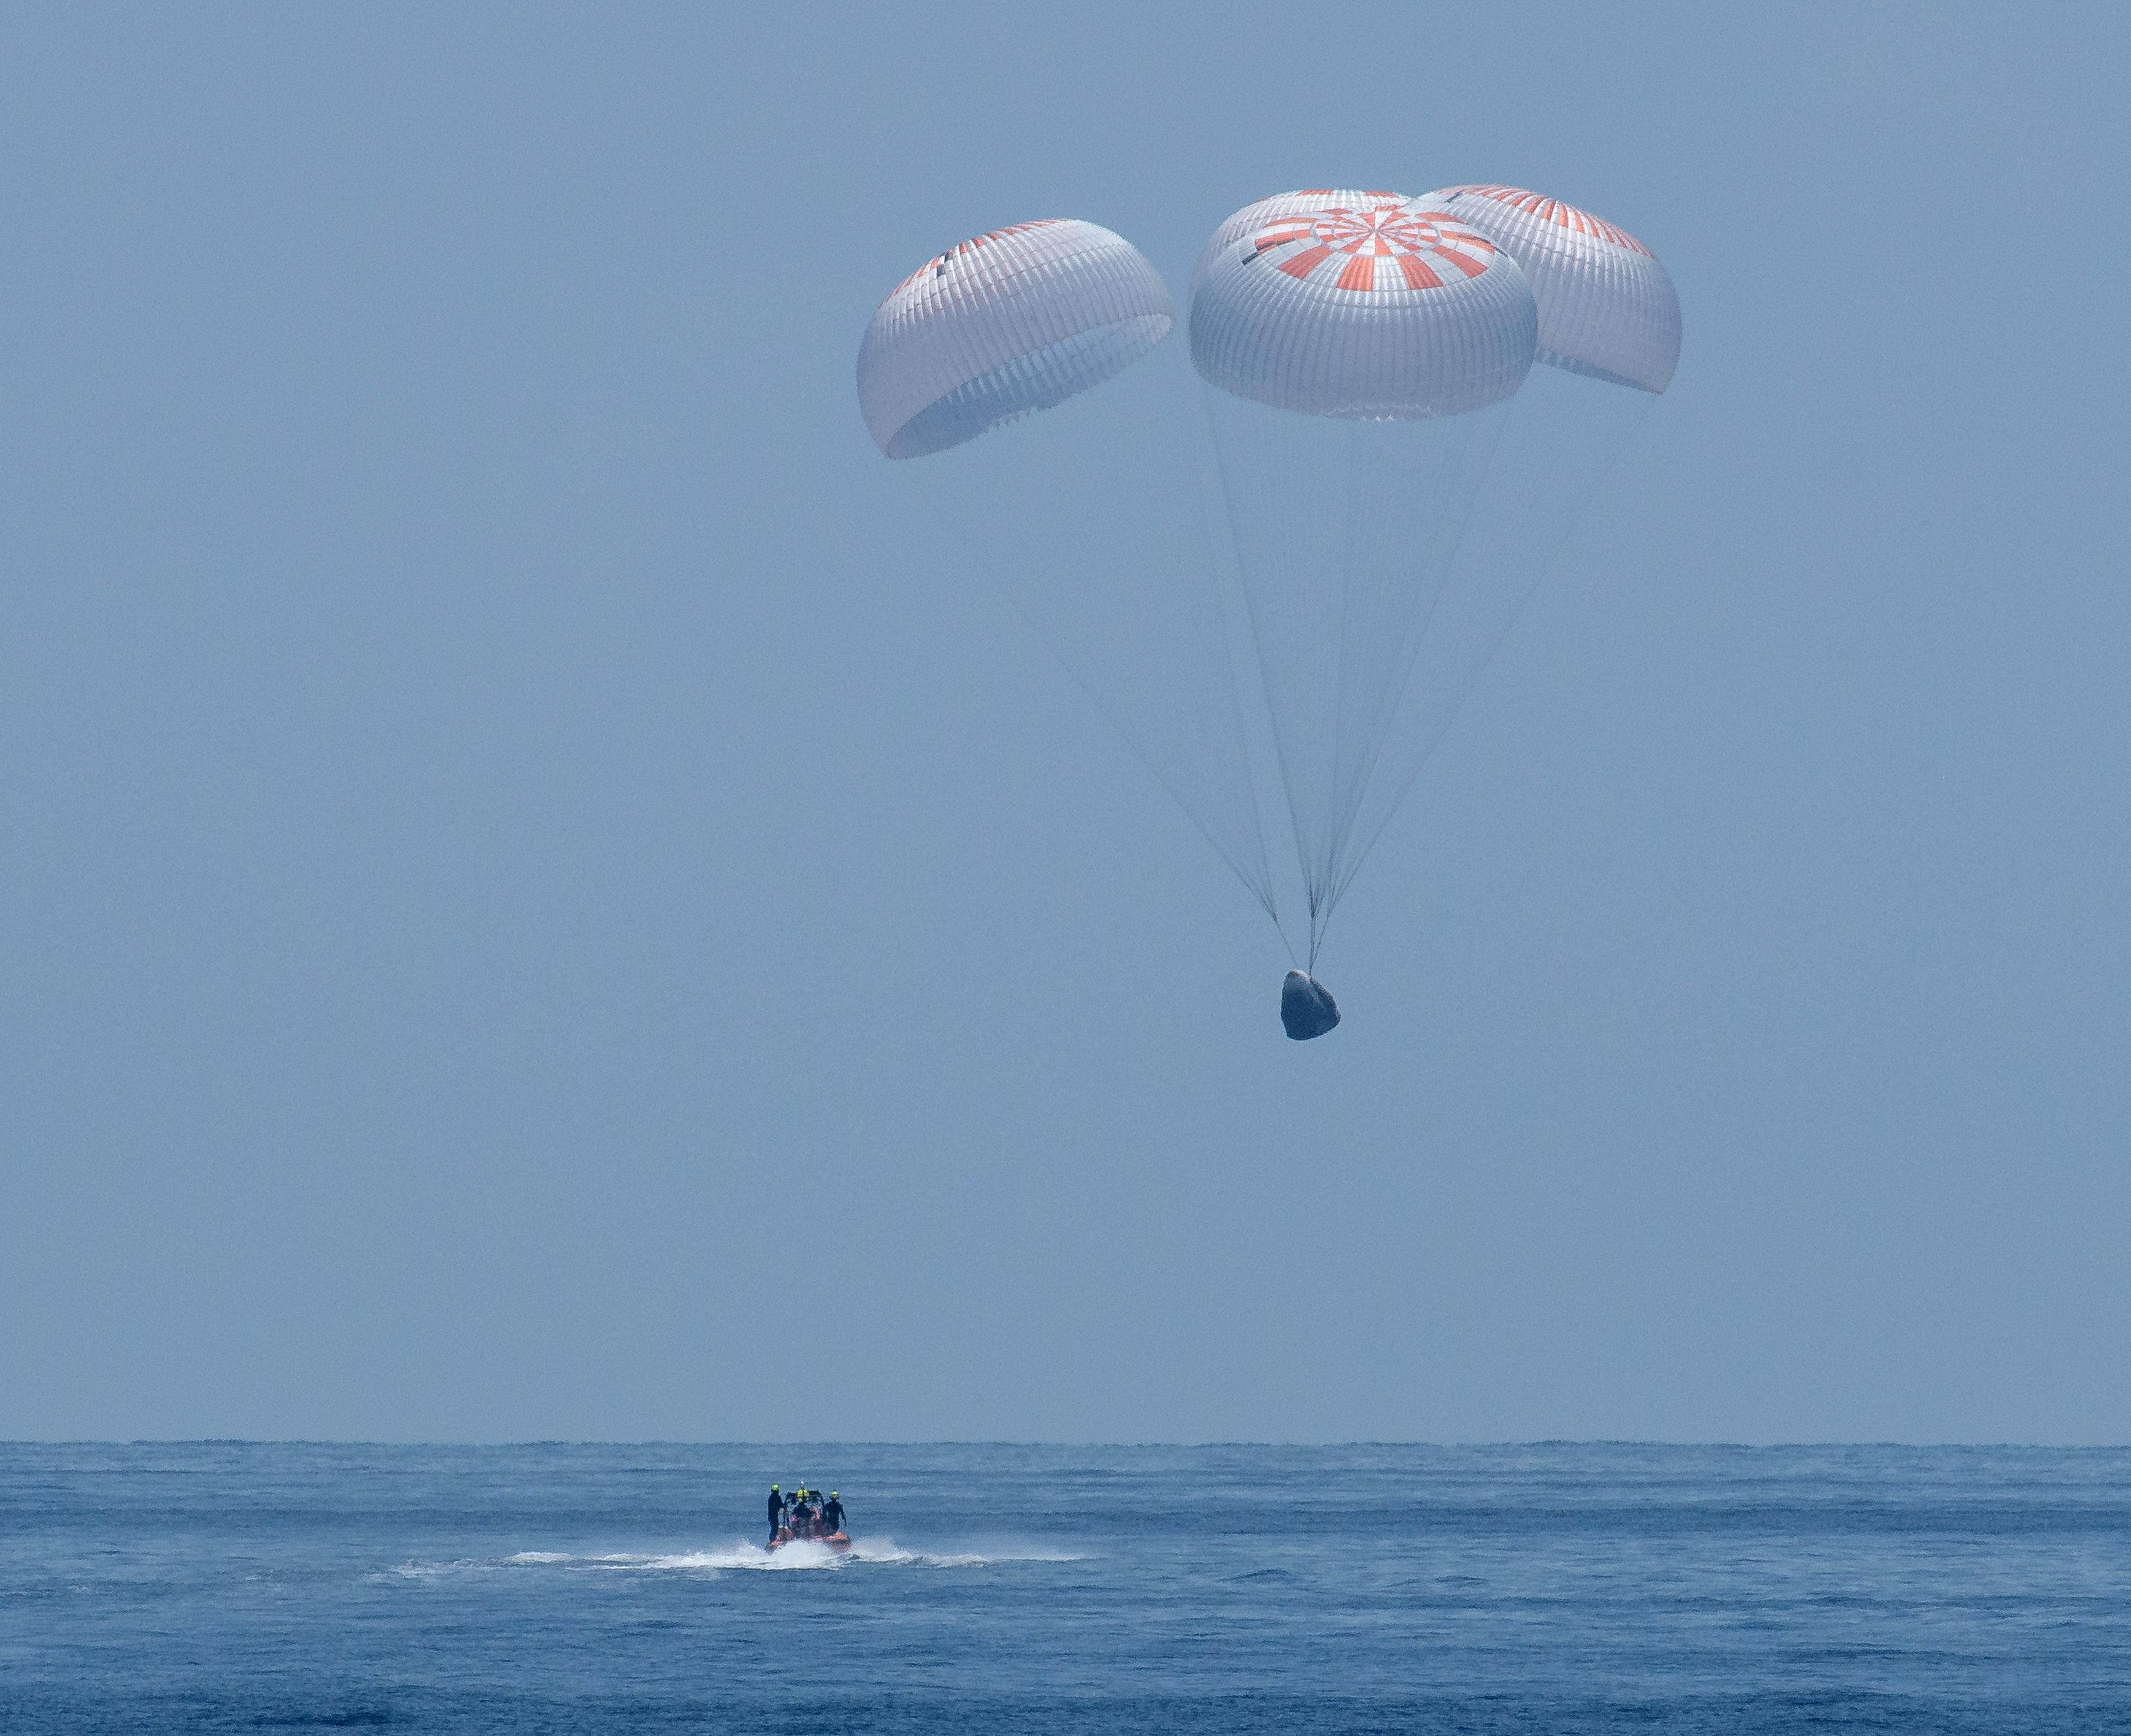 El momento del amerizaje (NASA/Bill Ingalls/Handout via REUTERS)